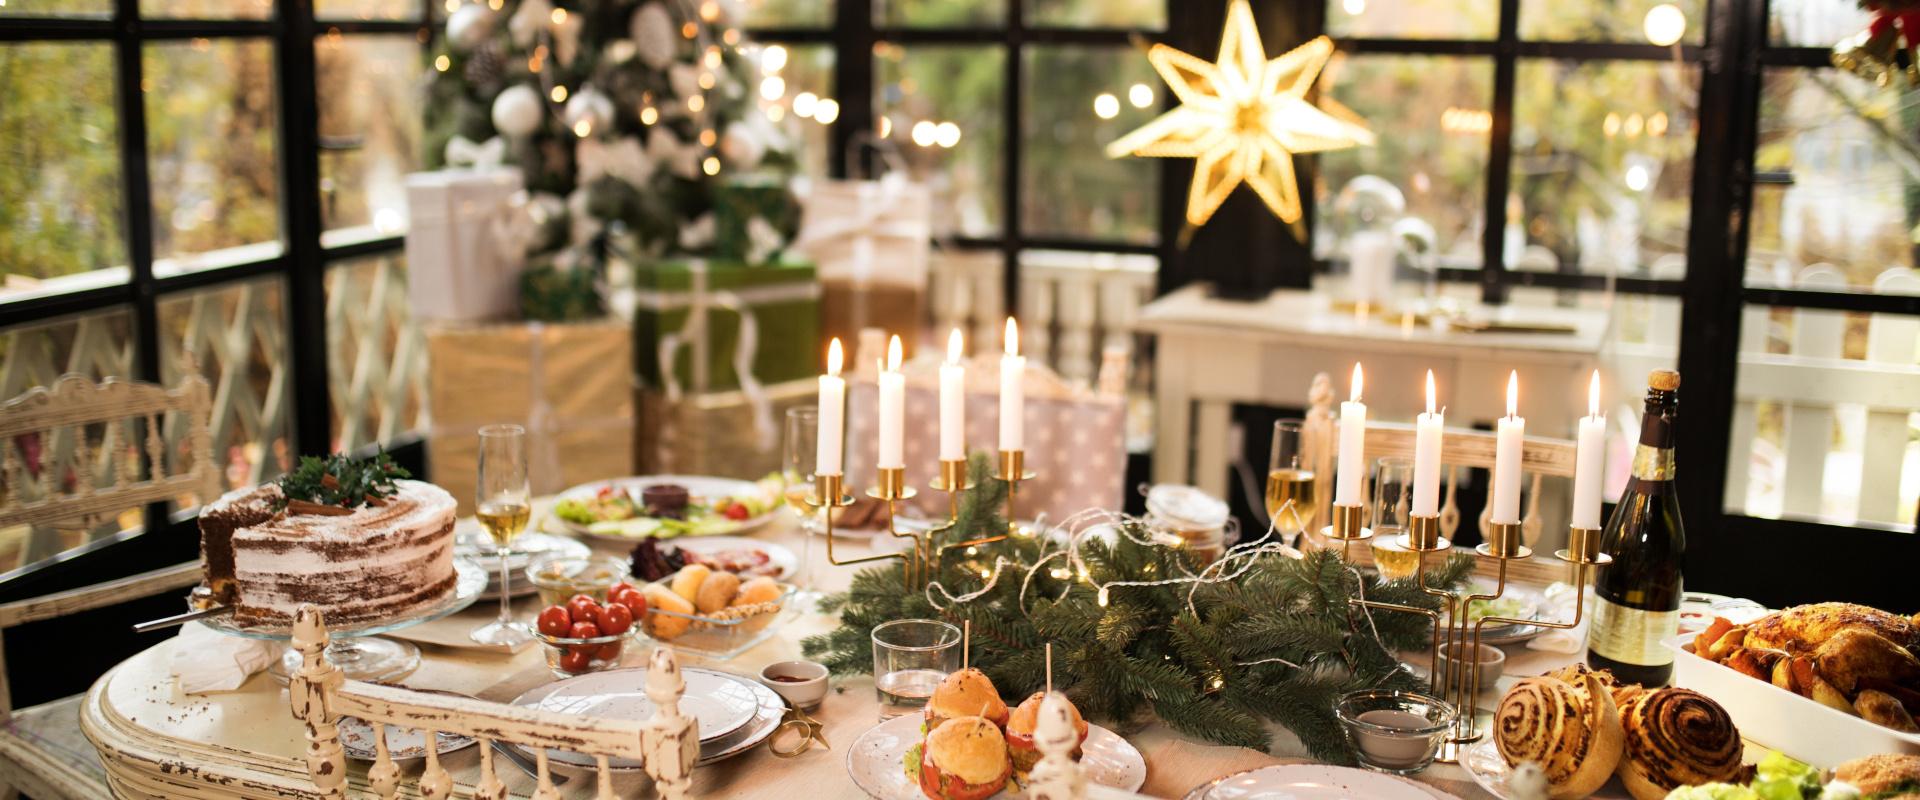 karácsonyi asztal cover